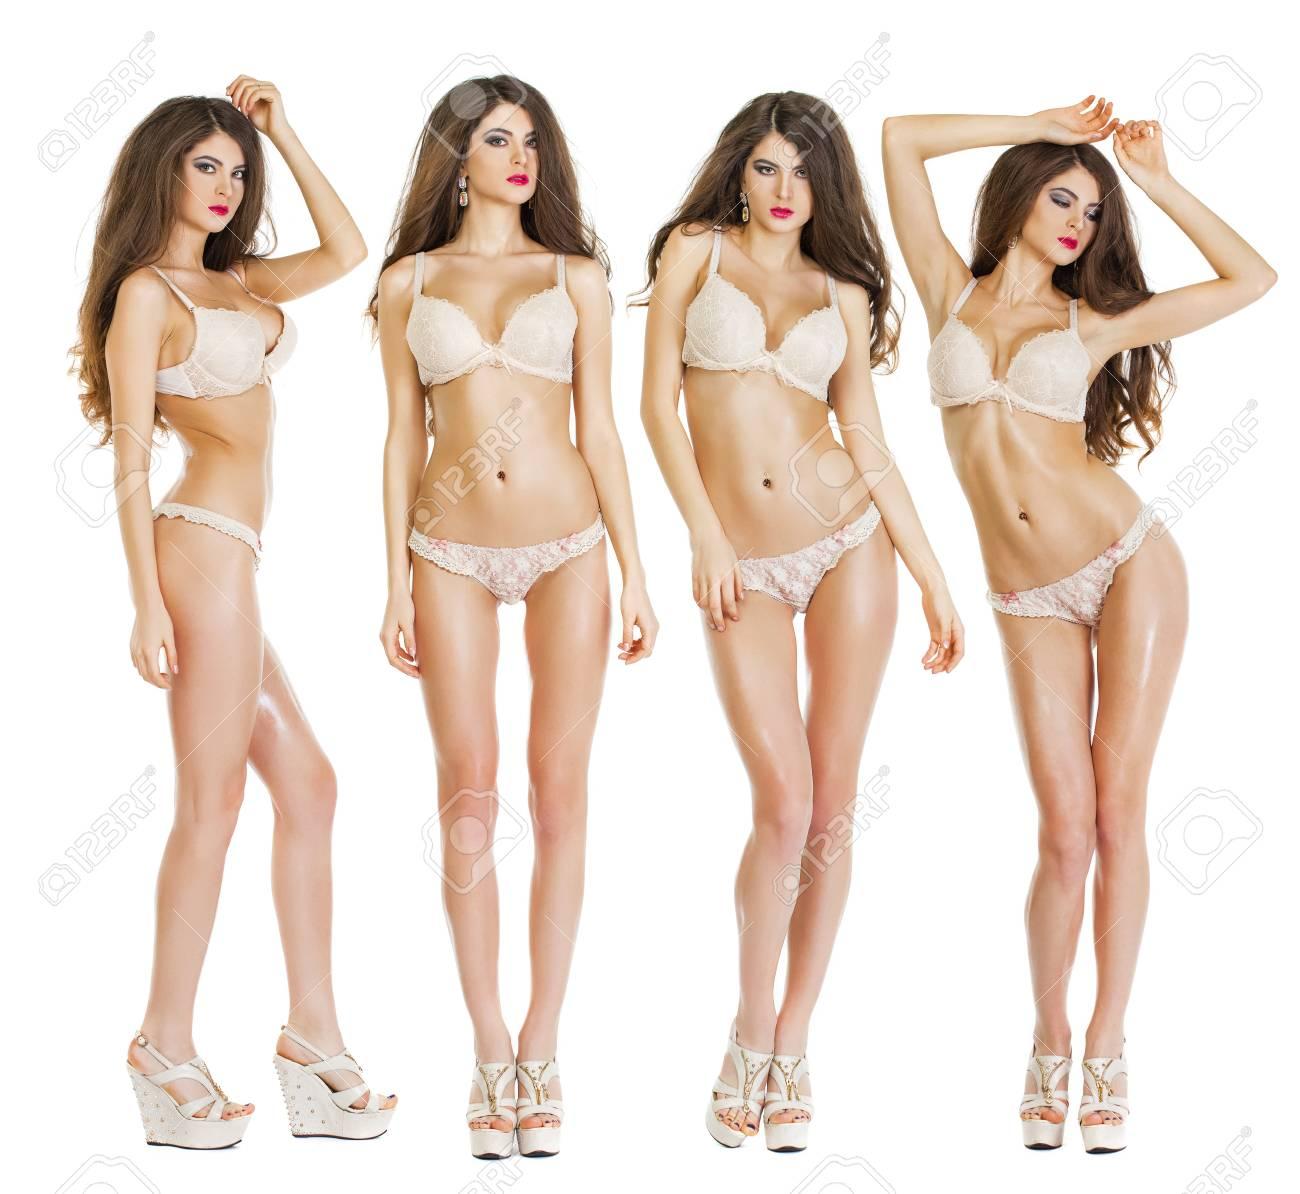 مهيب لسحب حزن Women Underwear Models Psidiagnosticins Com